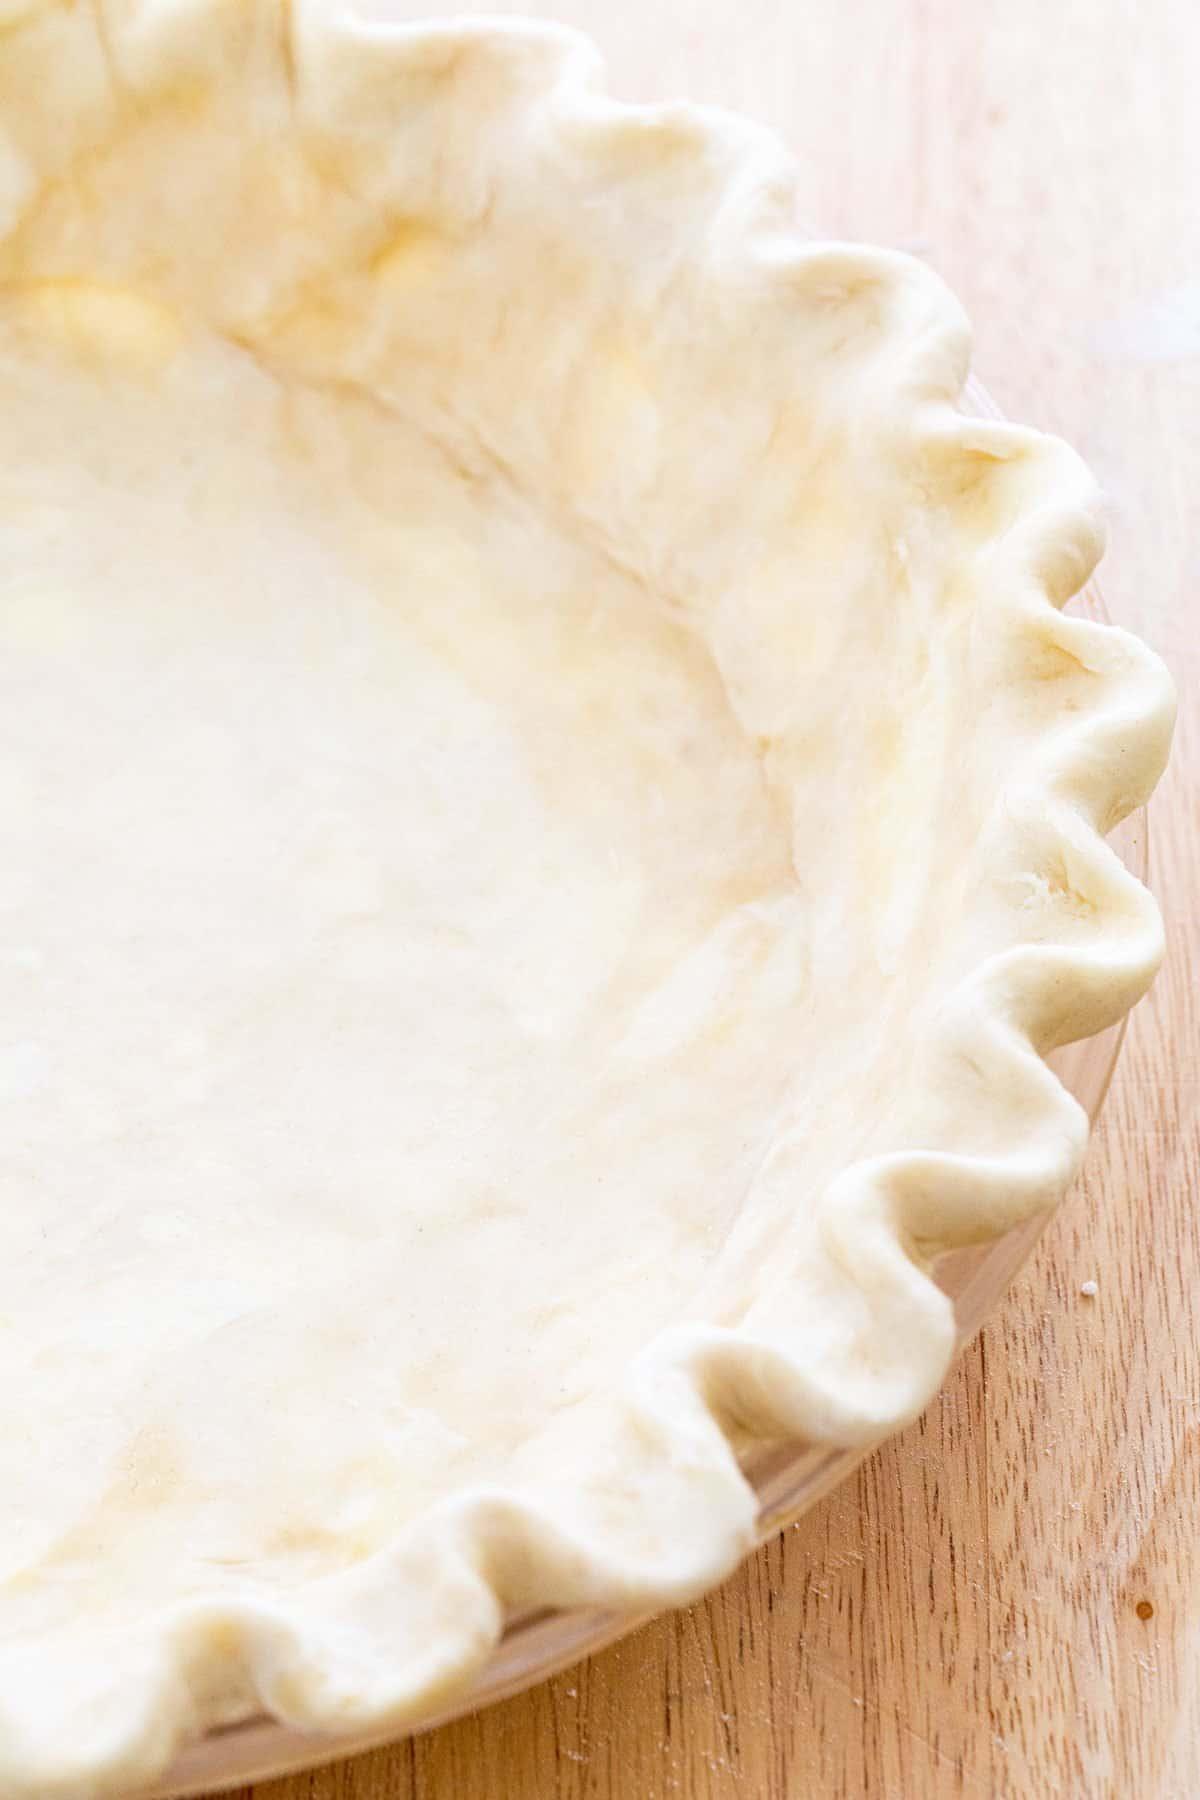 Raw dough in a pie plate